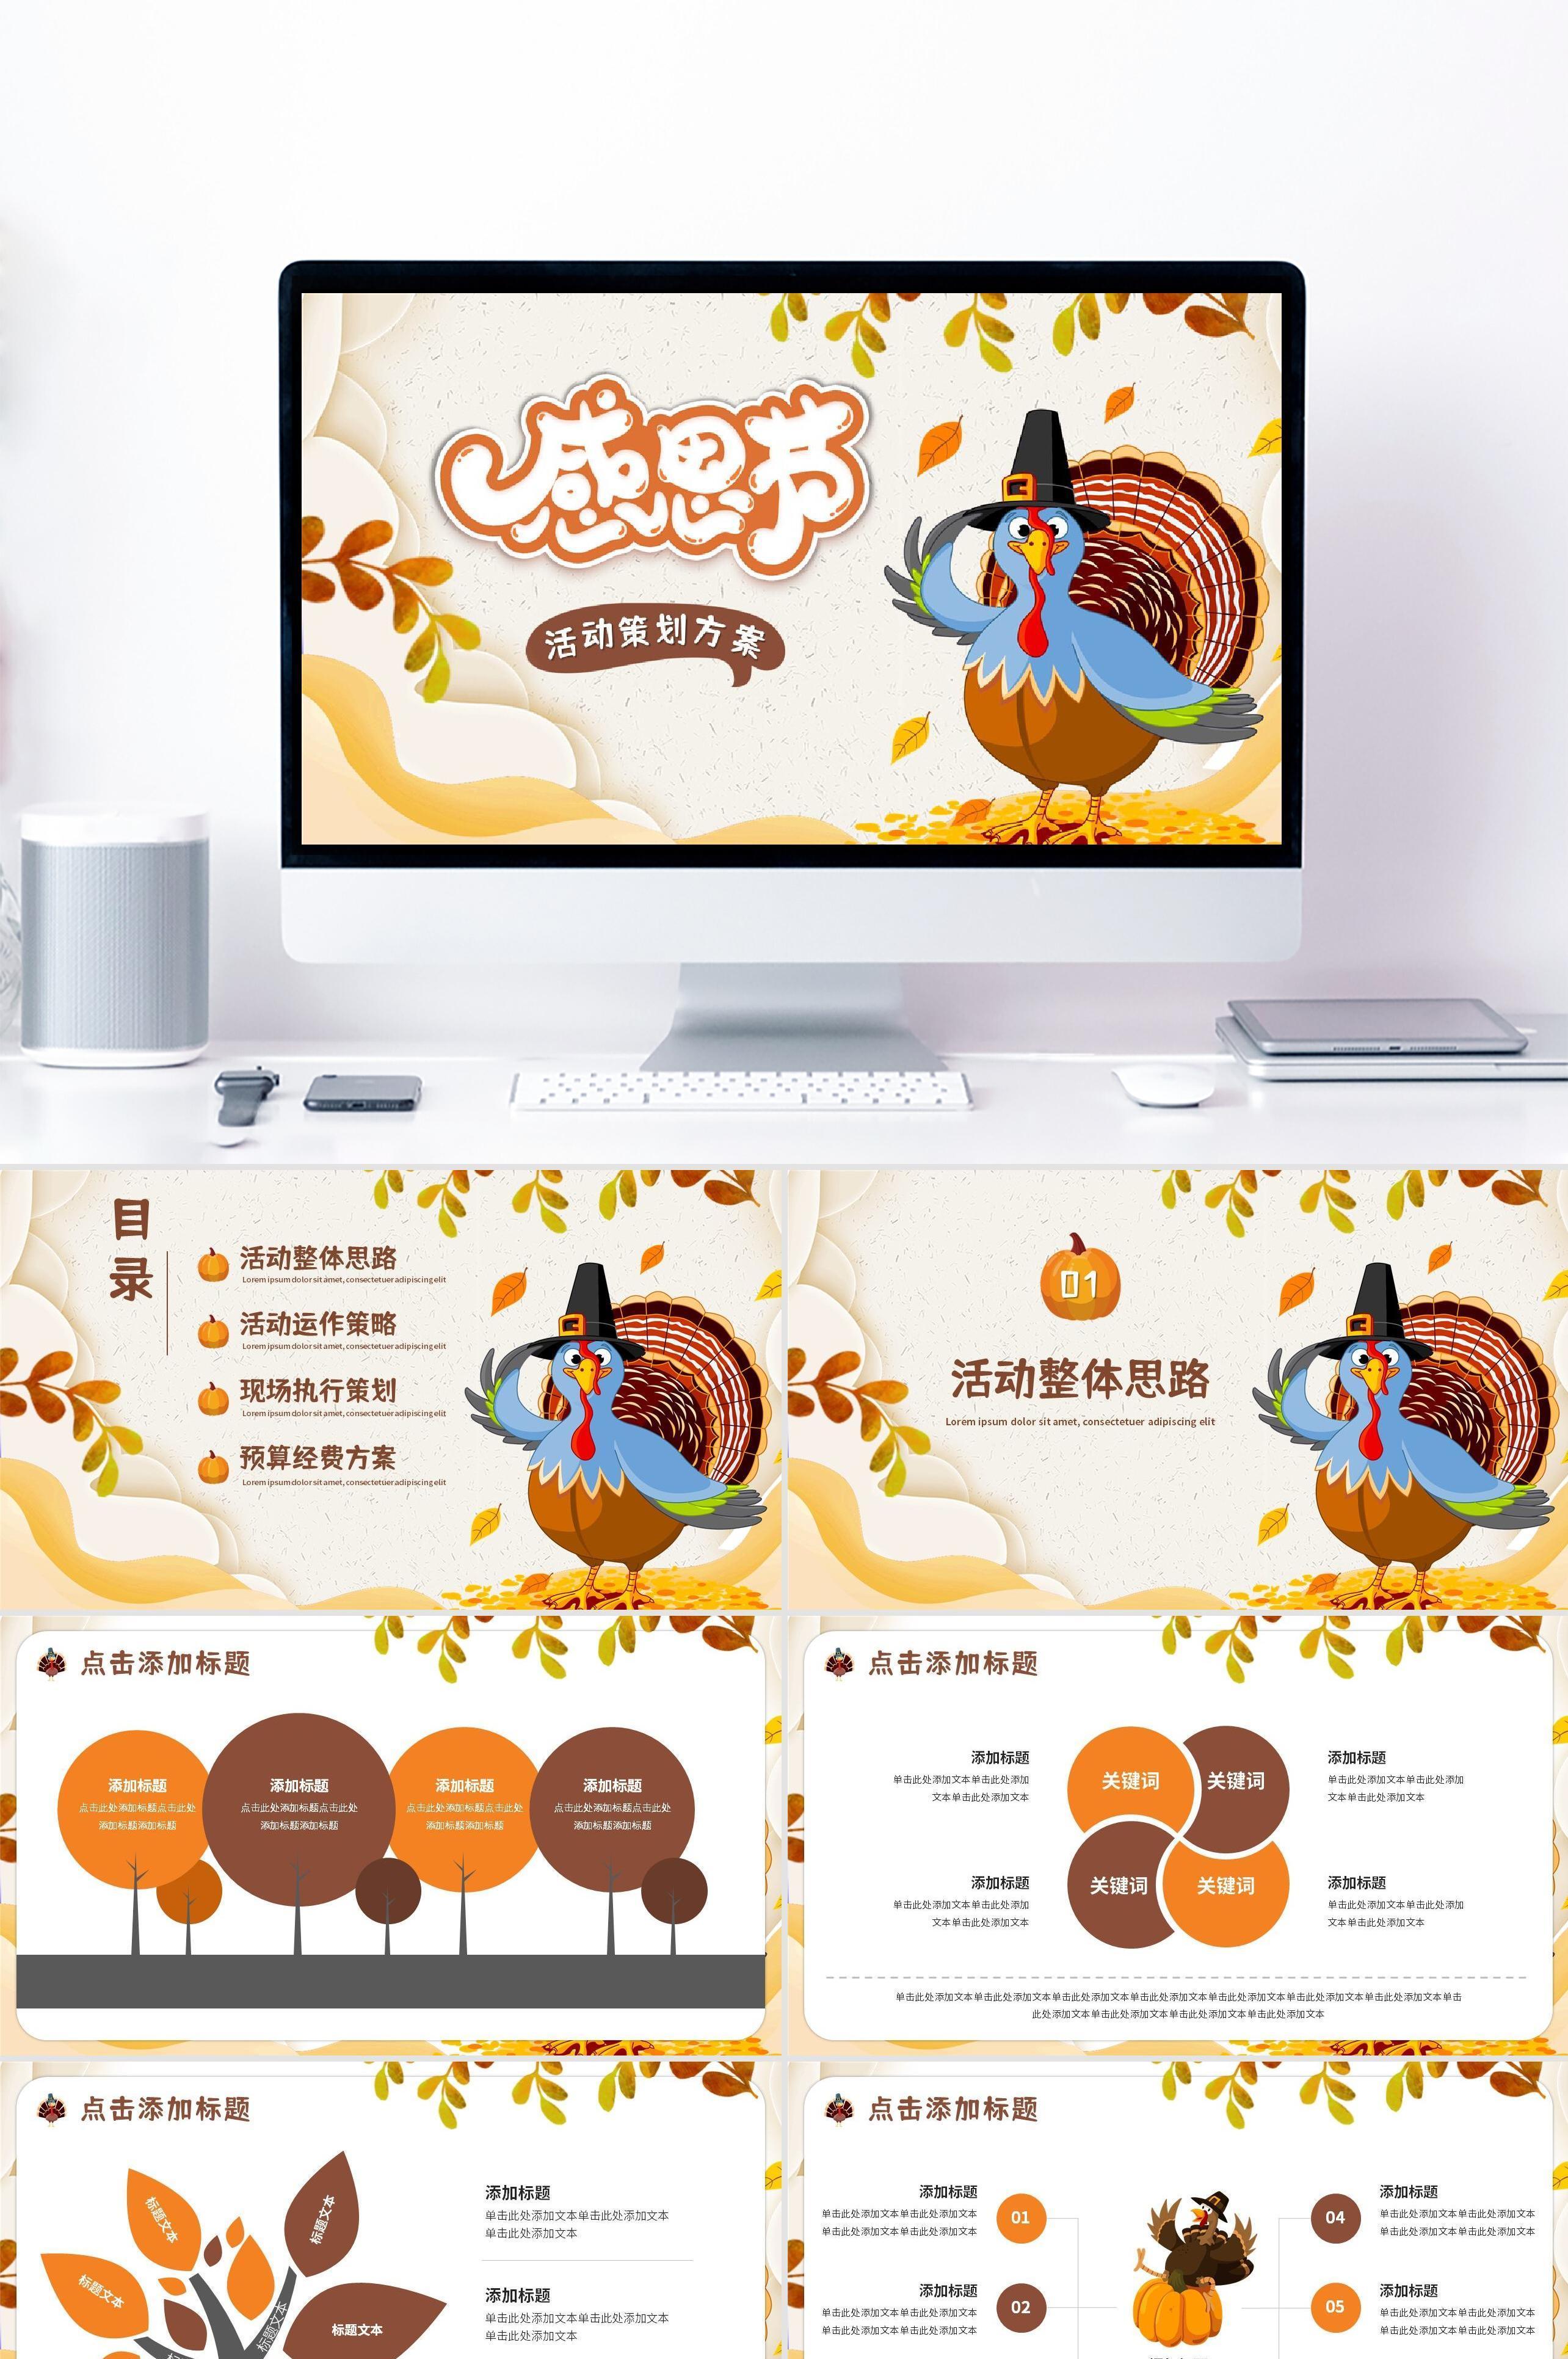 橙褐色卡通风感恩节活动策划方案PPT模板